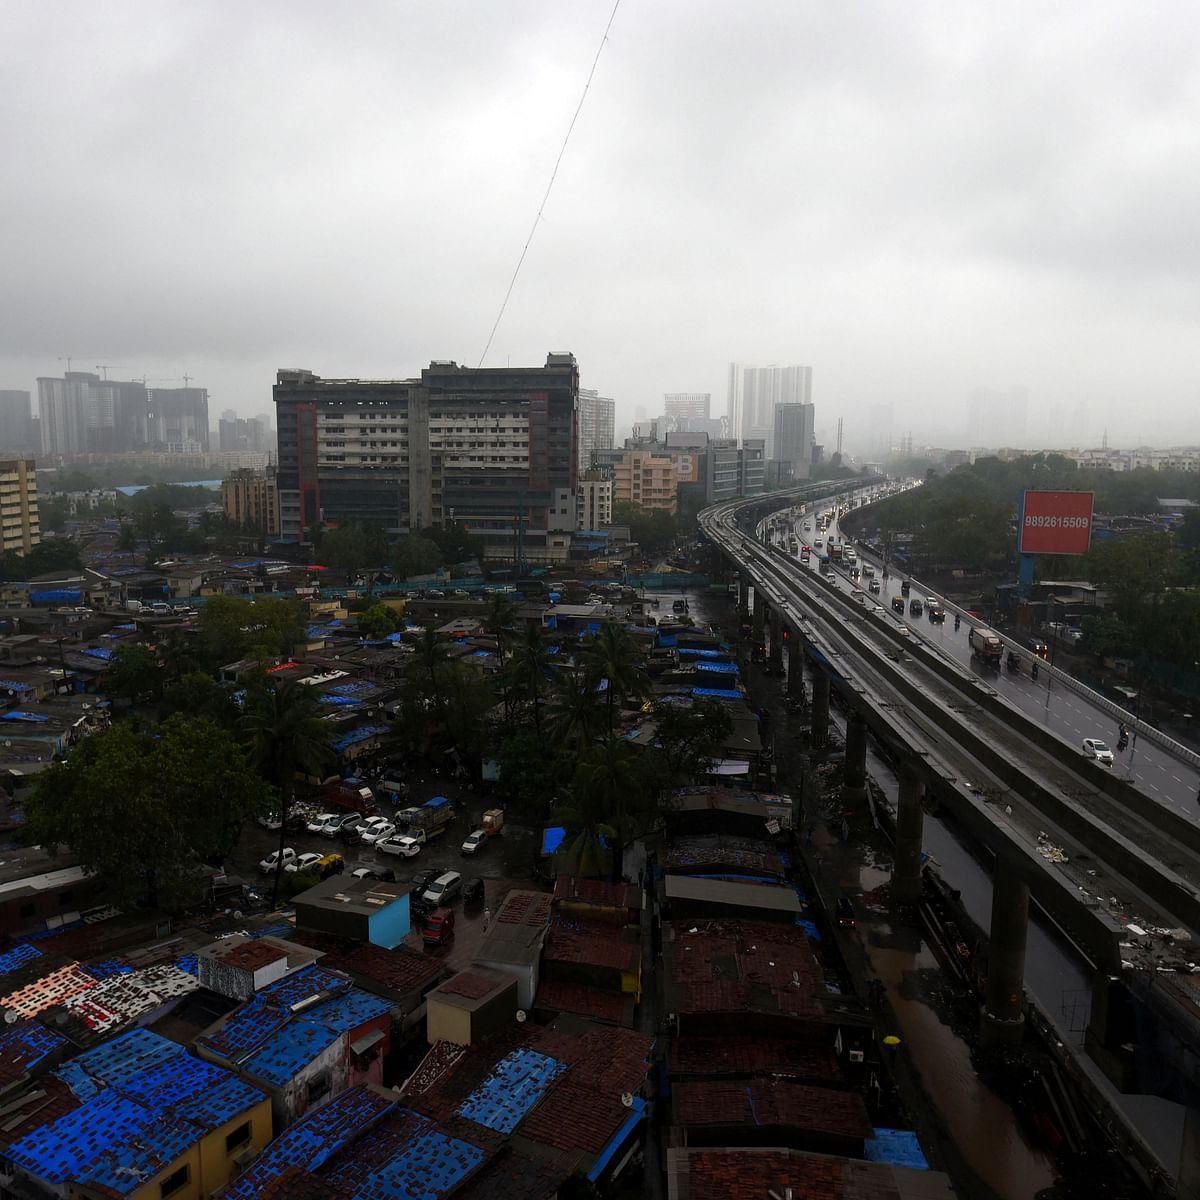 Mumbai: Latest updates on July 31